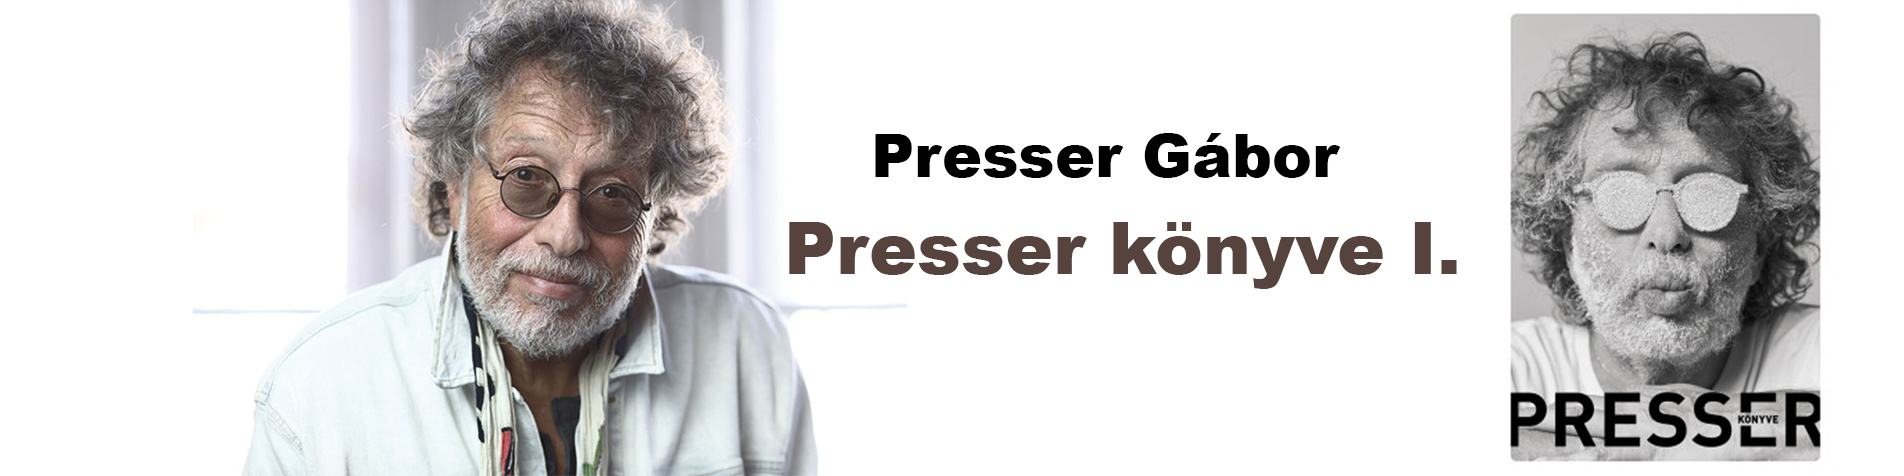 Presser2 - Könyv